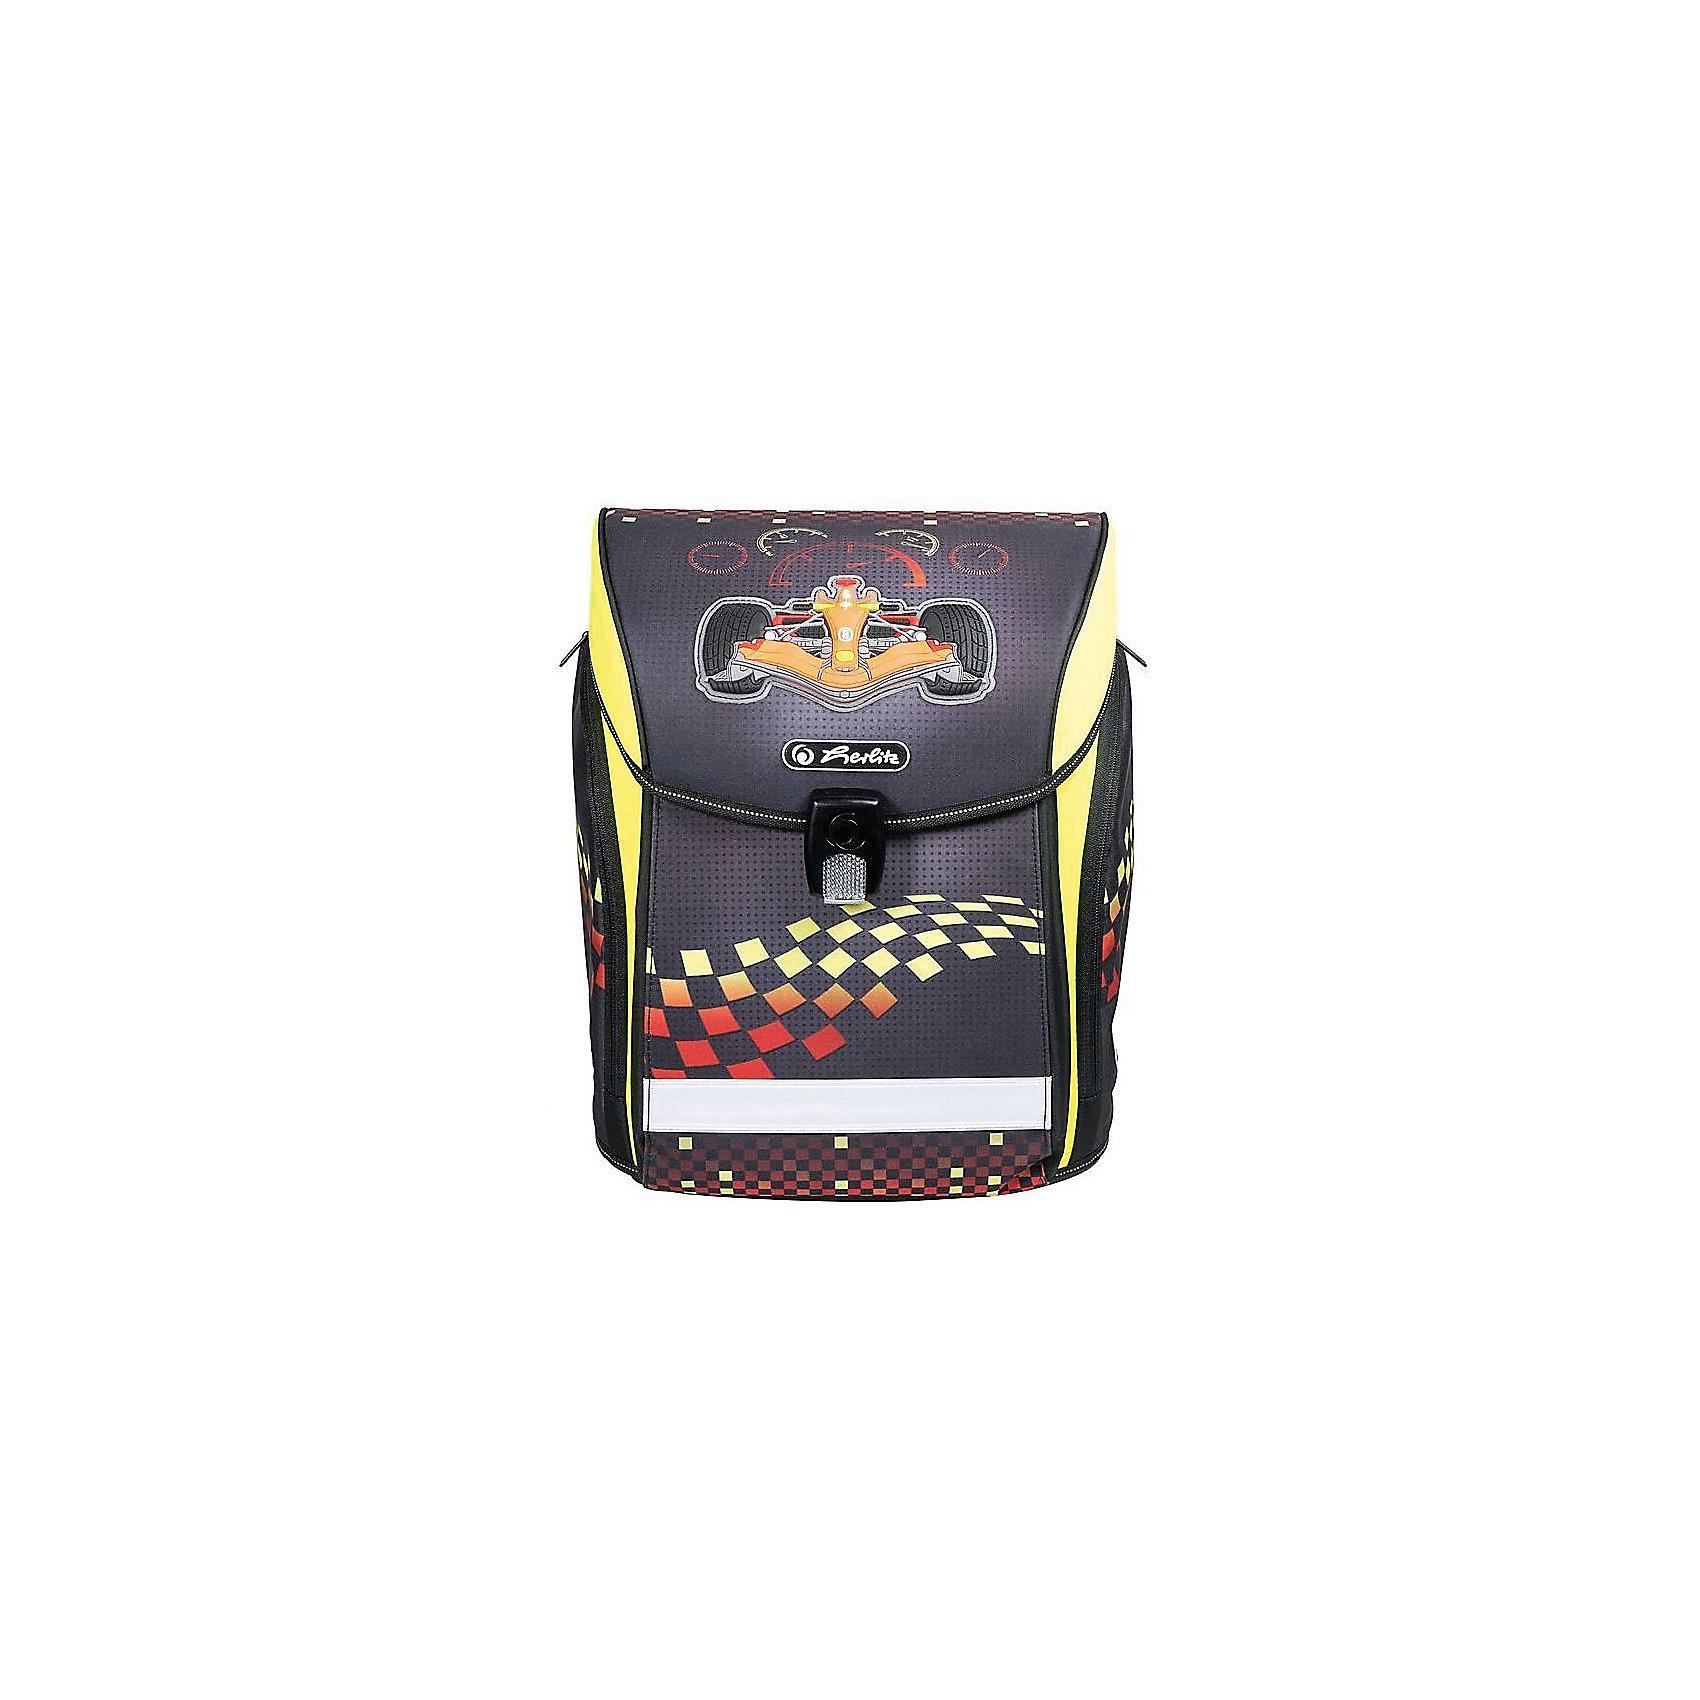 Ранец Herlitz MIDI NEW Formula 1, без наполненияРанцы<br>Ранец NEW MIDI Formula 1 без наполнения<br>- полиэстер<br>размер 38х32х26см <br>- Новый магнитный замок Fidlock;<br>- 2 внутренних отделения с карманом для учебников,<br>- 1 внутренний карман на молнии,<br>- расписание уроков,<br>- дно из жесткого пластика,<br>- Удобный, интегрированный передний карман в корпус ранца.<br>- водоотталкивающая ткань,<br>- светоотражатели 3M на переднем кармане, боковых карманах и лямках, на крышке ранца светоотражающий кант<br>- 2 просторных боковых кармана на молнии,<br>- эргономичная спинка и уплотненные регулируемые лямки из вентилируемого материала, <br>вес около 1000 гр<br><br>Ширина мм: 370<br>Глубина мм: 380<br>Высота мм: 220<br>Вес г: 1100<br>Возраст от месяцев: 72<br>Возраст до месяцев: 120<br>Пол: Мужской<br>Возраст: Детский<br>SKU: 5595067